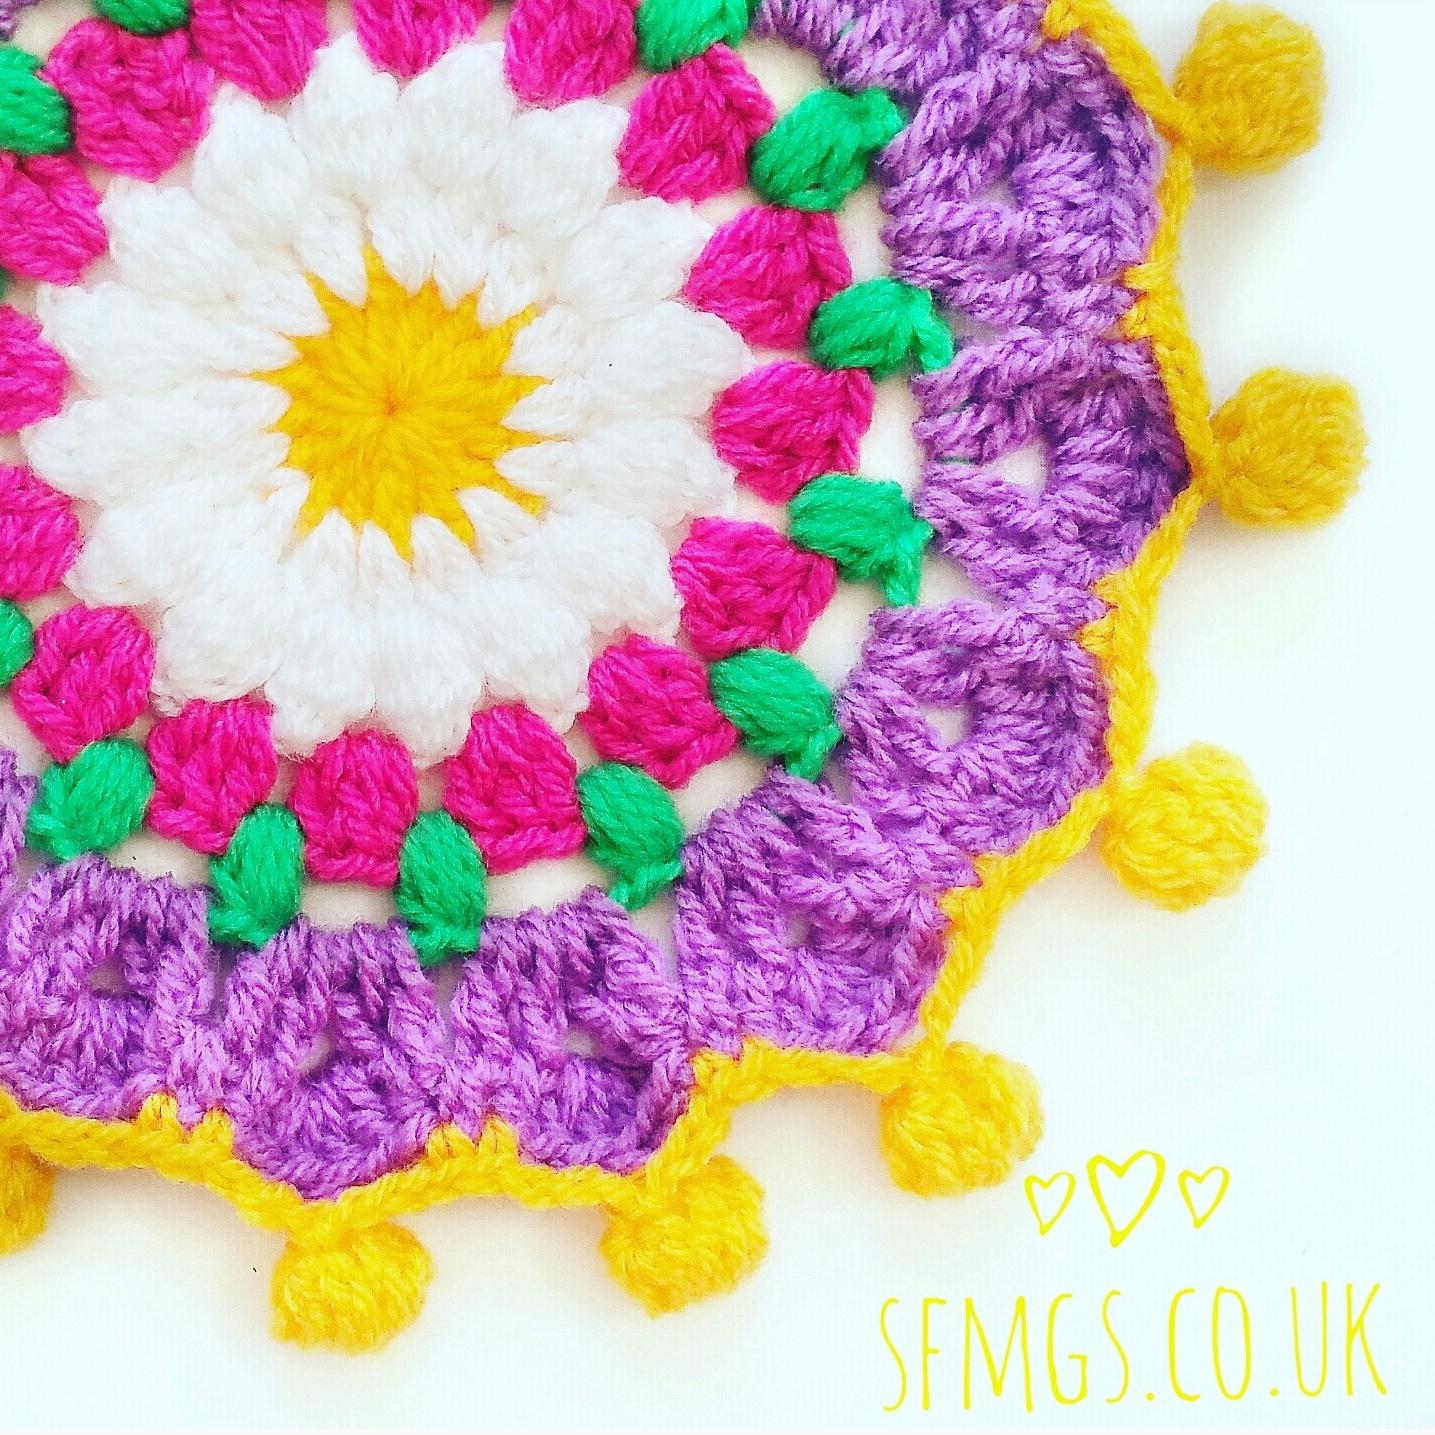 Crochet Patterns Free Set Free My Gypsy Soul A Crochet Craft Blog 30 Free Mandala